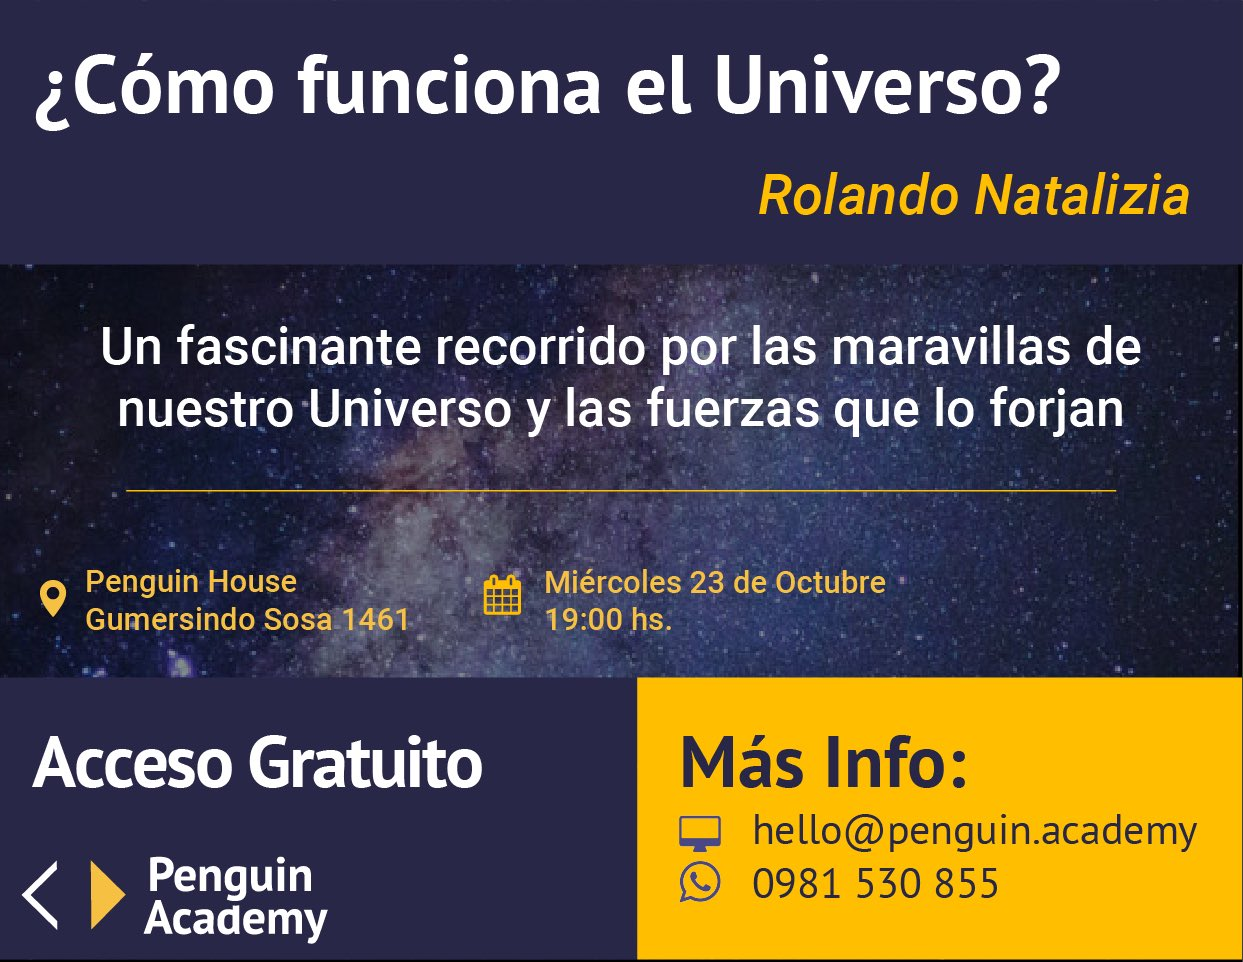 ¿Cómo funciona el universo? miércoles 23 de octubre